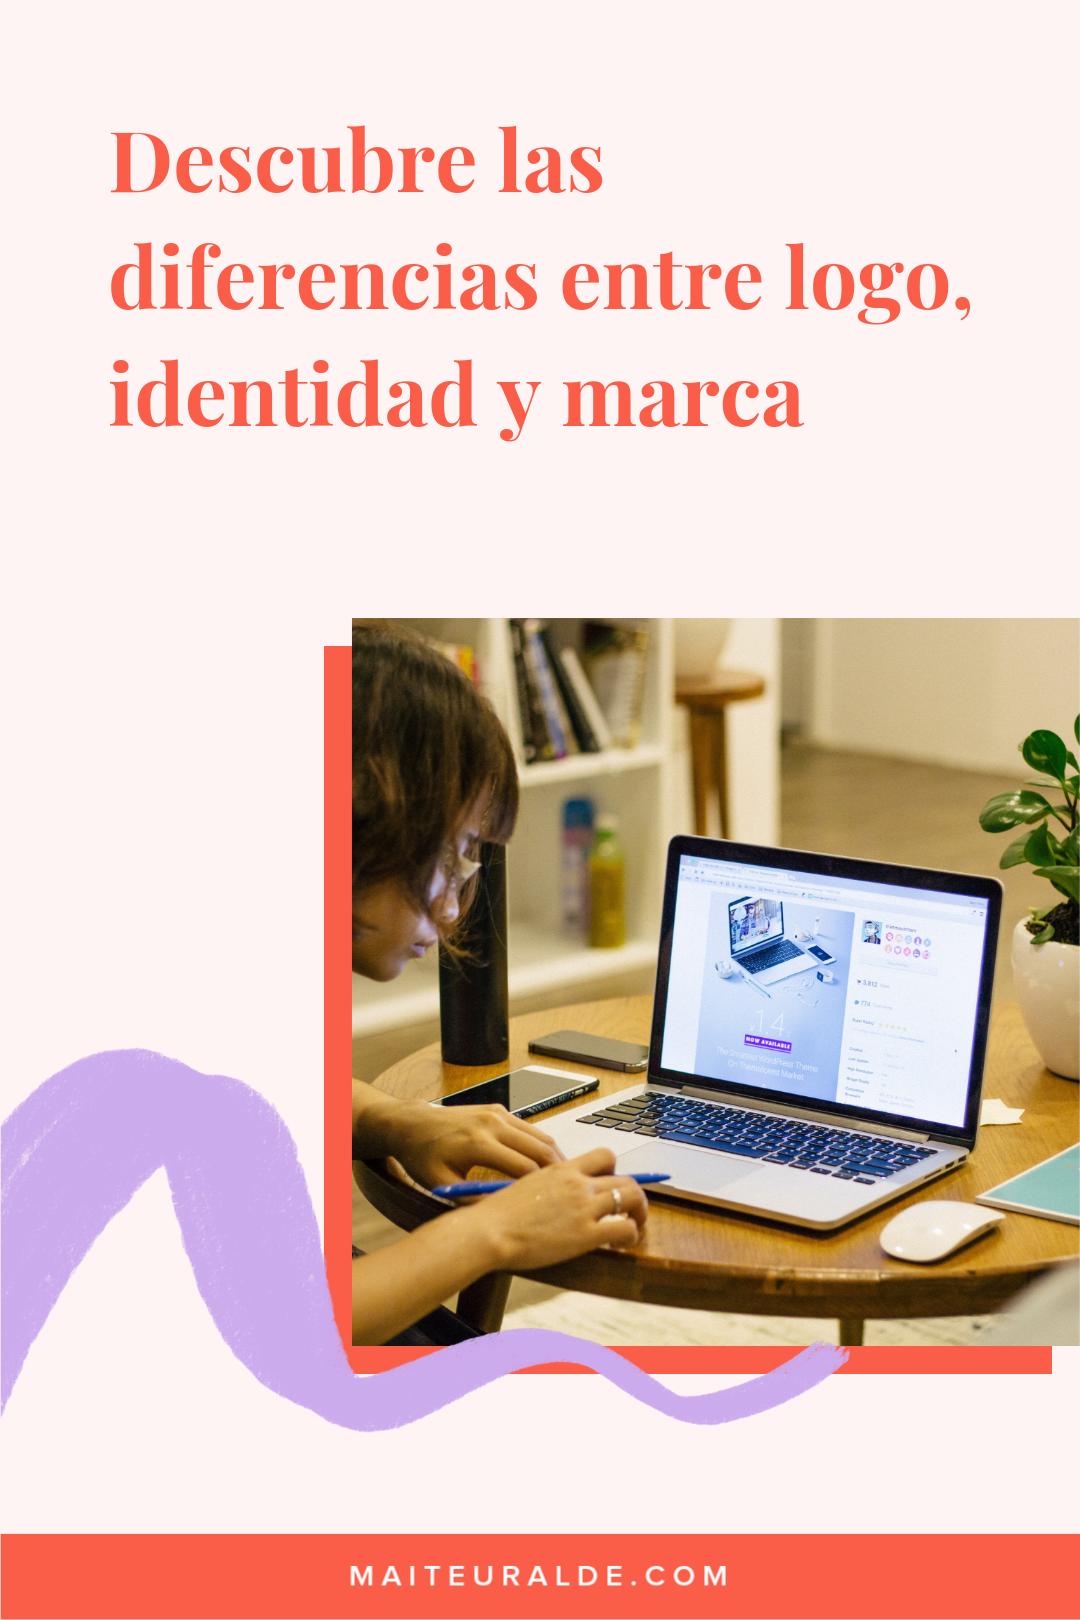 Conoce las diferencias entre logo, identidad y marca.